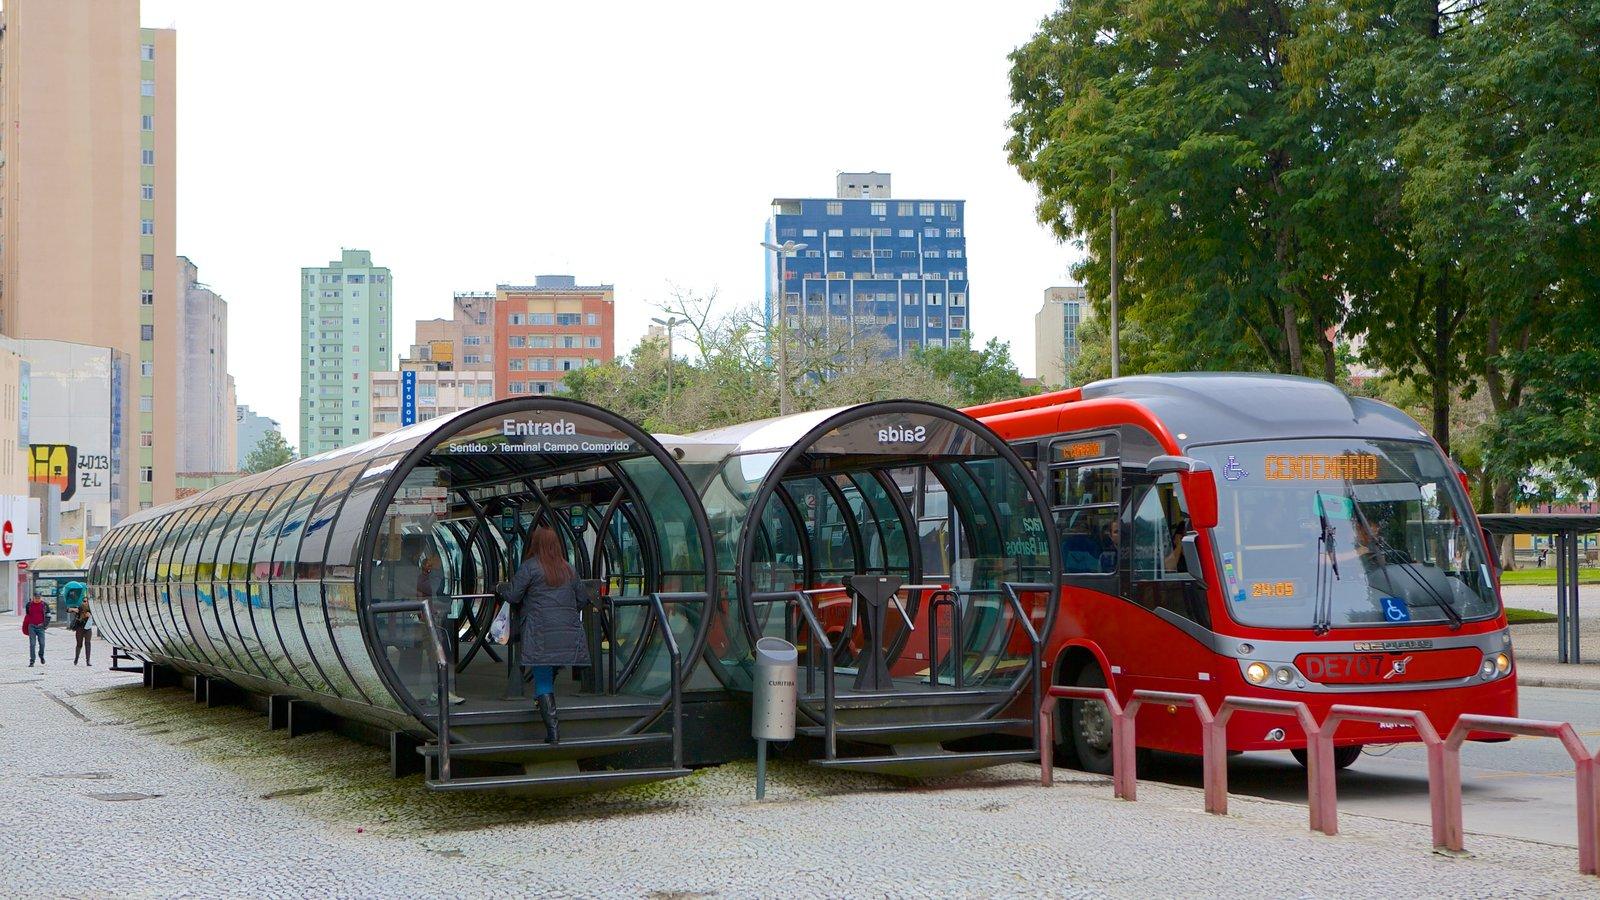 Curitiba caracterizando uma cidade, passeios e arquitetura moderna